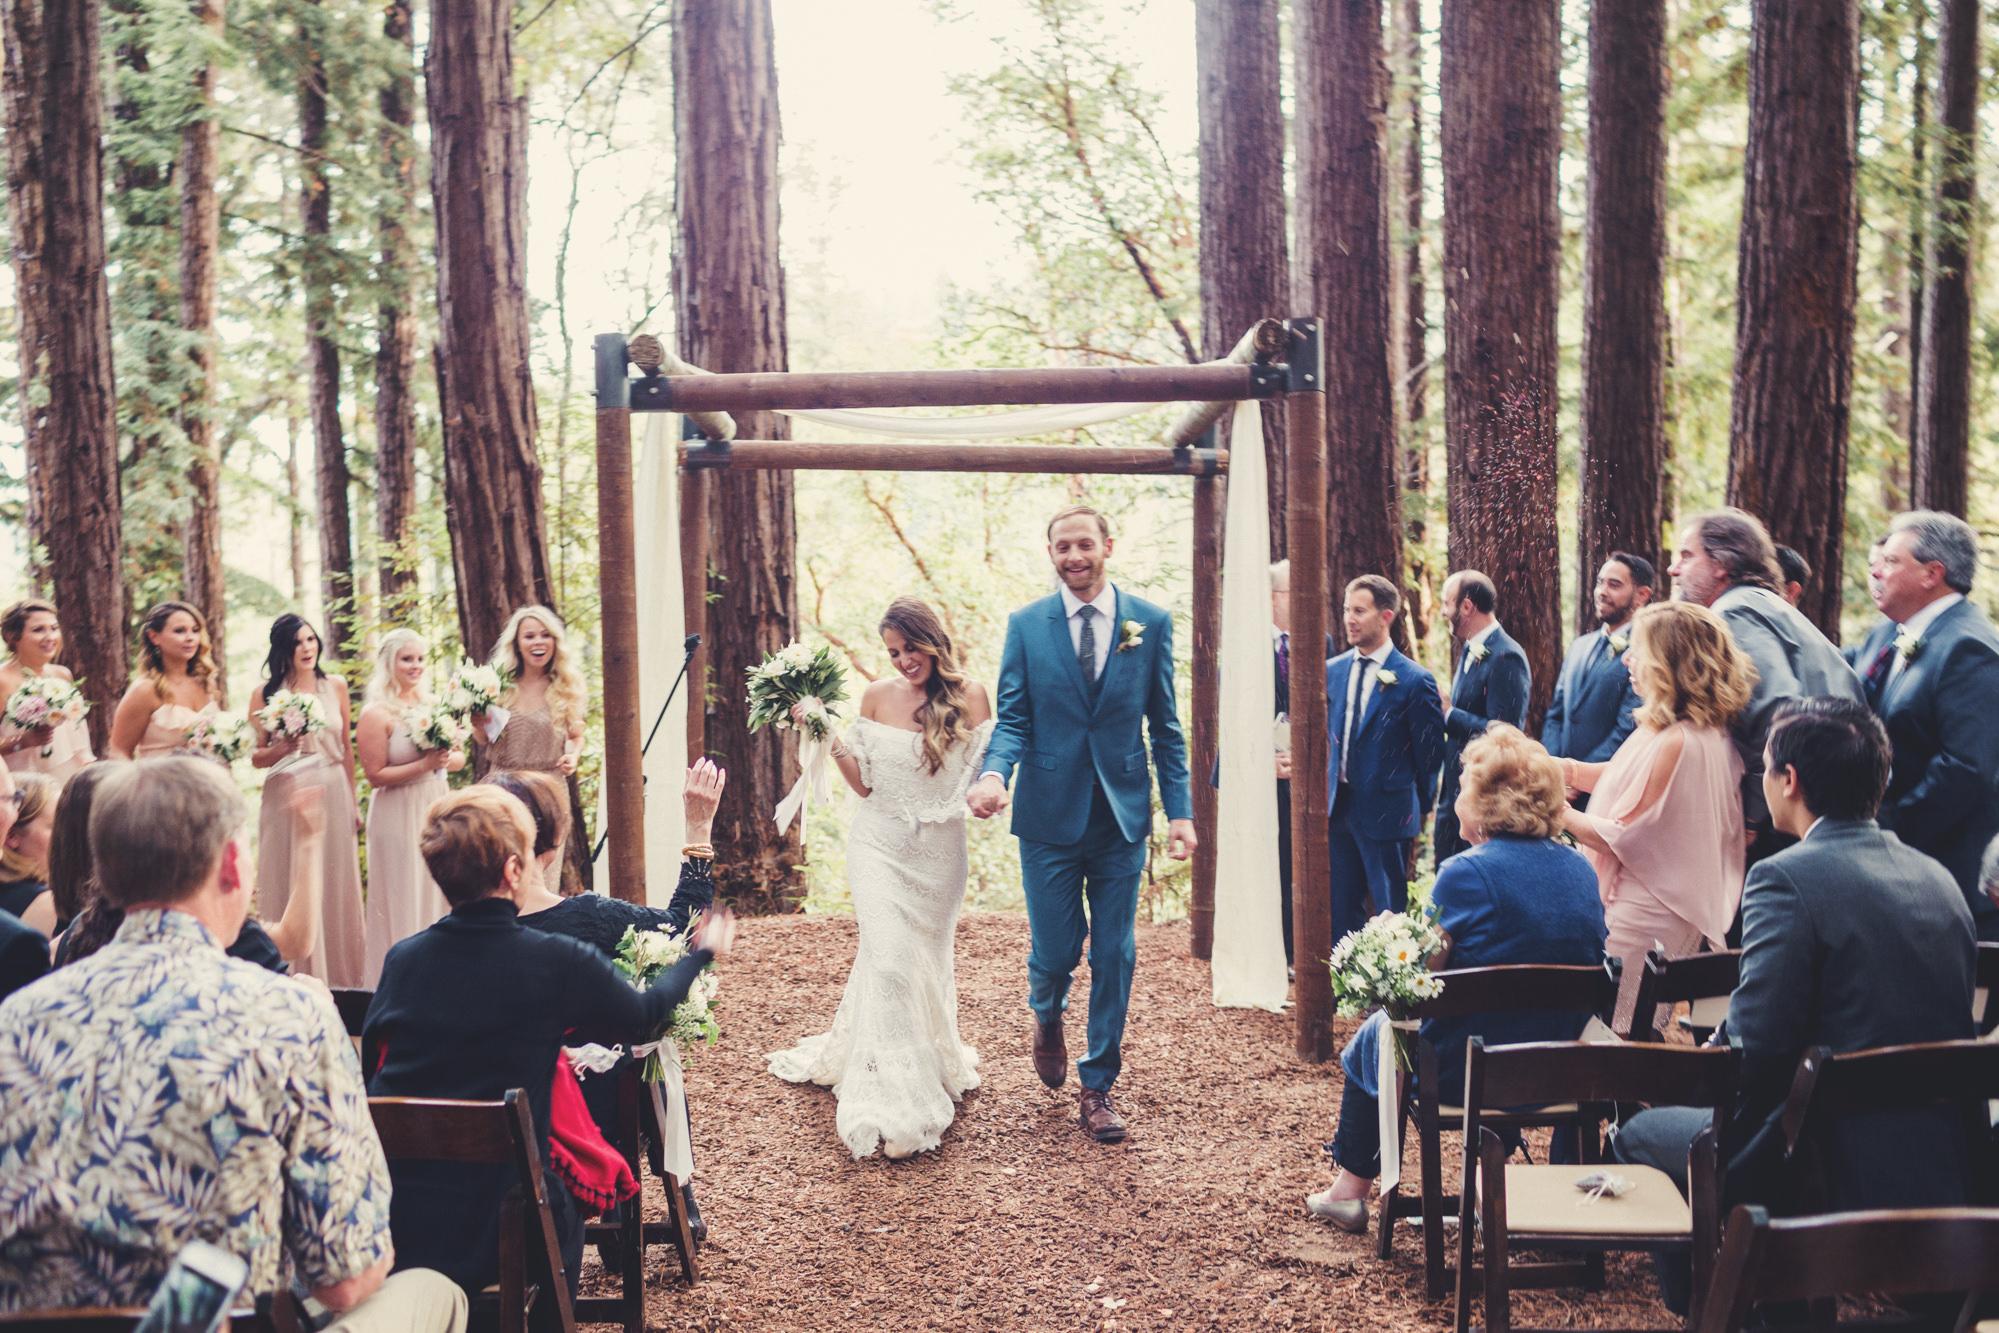 Sequoia Retreat Center Wedding@Anne-Claire Brun 90